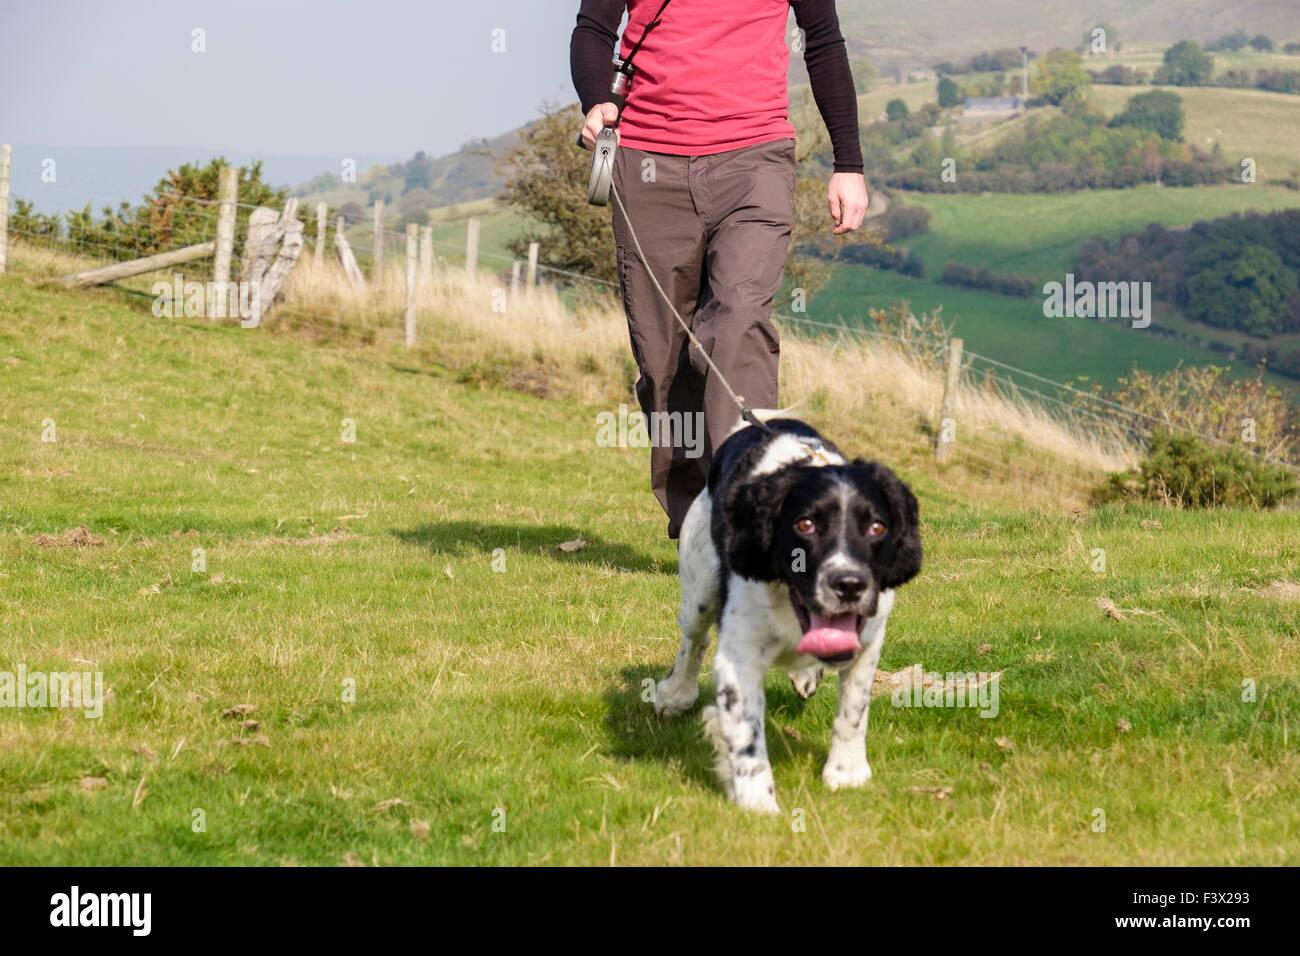 Dog walker propietario teniendo un perro Springer Spaniel Inglés para una caminata diaria sobre el liderazgo Imagen De Stock